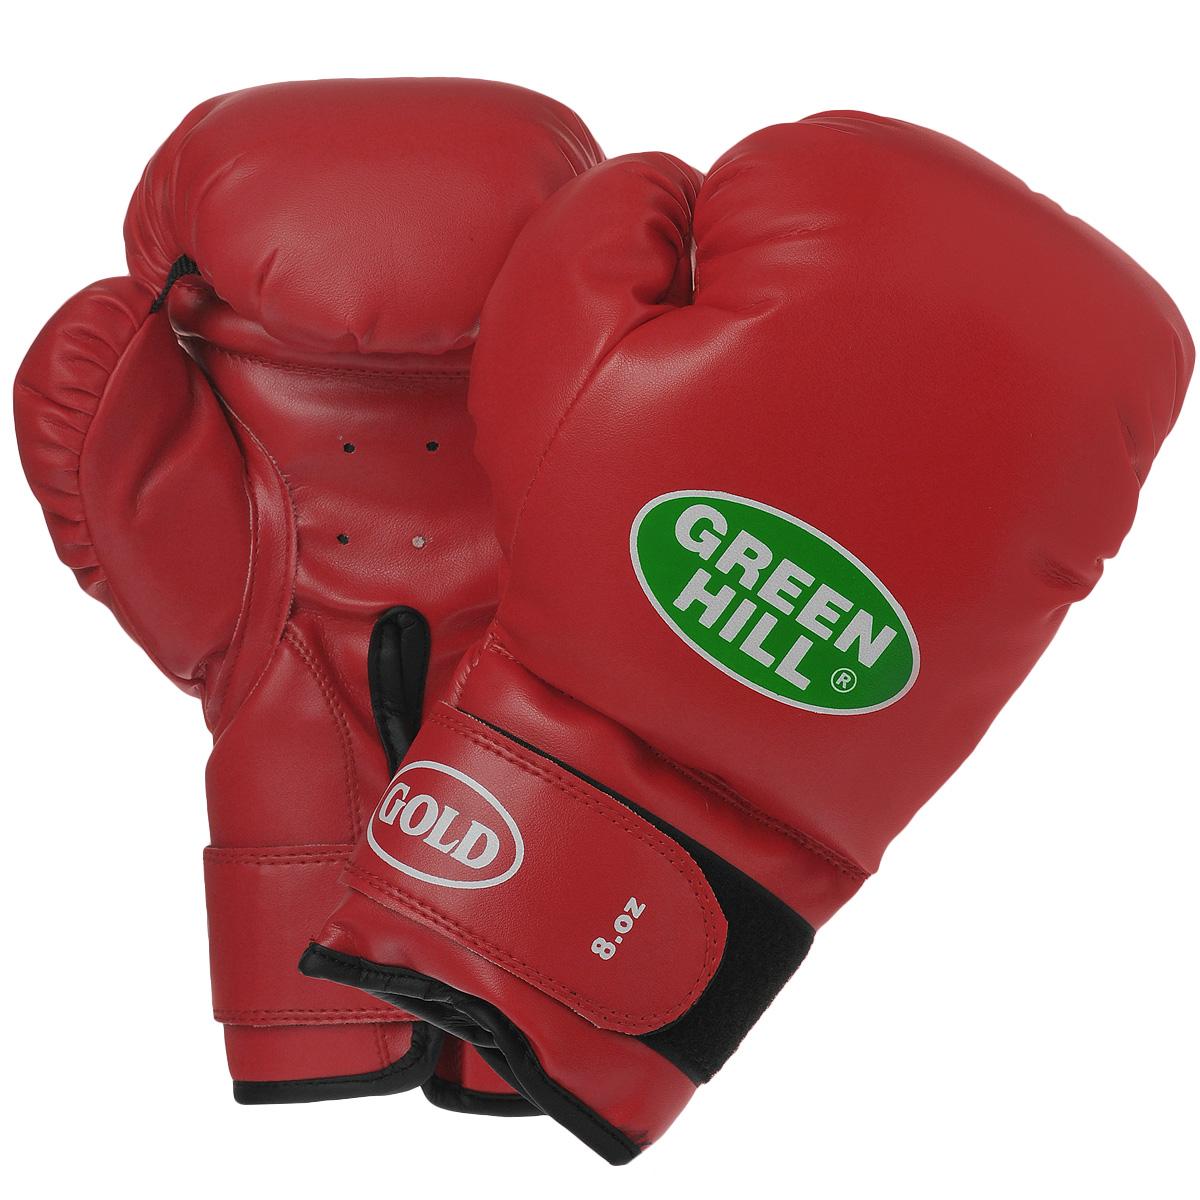 """Боксерские тренировочные перчатки Green Hill """"Gold"""" выполнены из высококачественной искусственной кожи. Они отлично подойдут для начинающих спортсменов. Мягкий наполнитель из очеса предотвращает любые травмы. Широкий ремень, охватывая запястье, полностью оборачивается вокруг манжеты, благодаря чему создается дополнительная защита лучезапястного сустава от травмирования. Застежка на липучке способствует быстрому и удобному одеванию перчаток, плотно фиксирует перчатки на руке."""